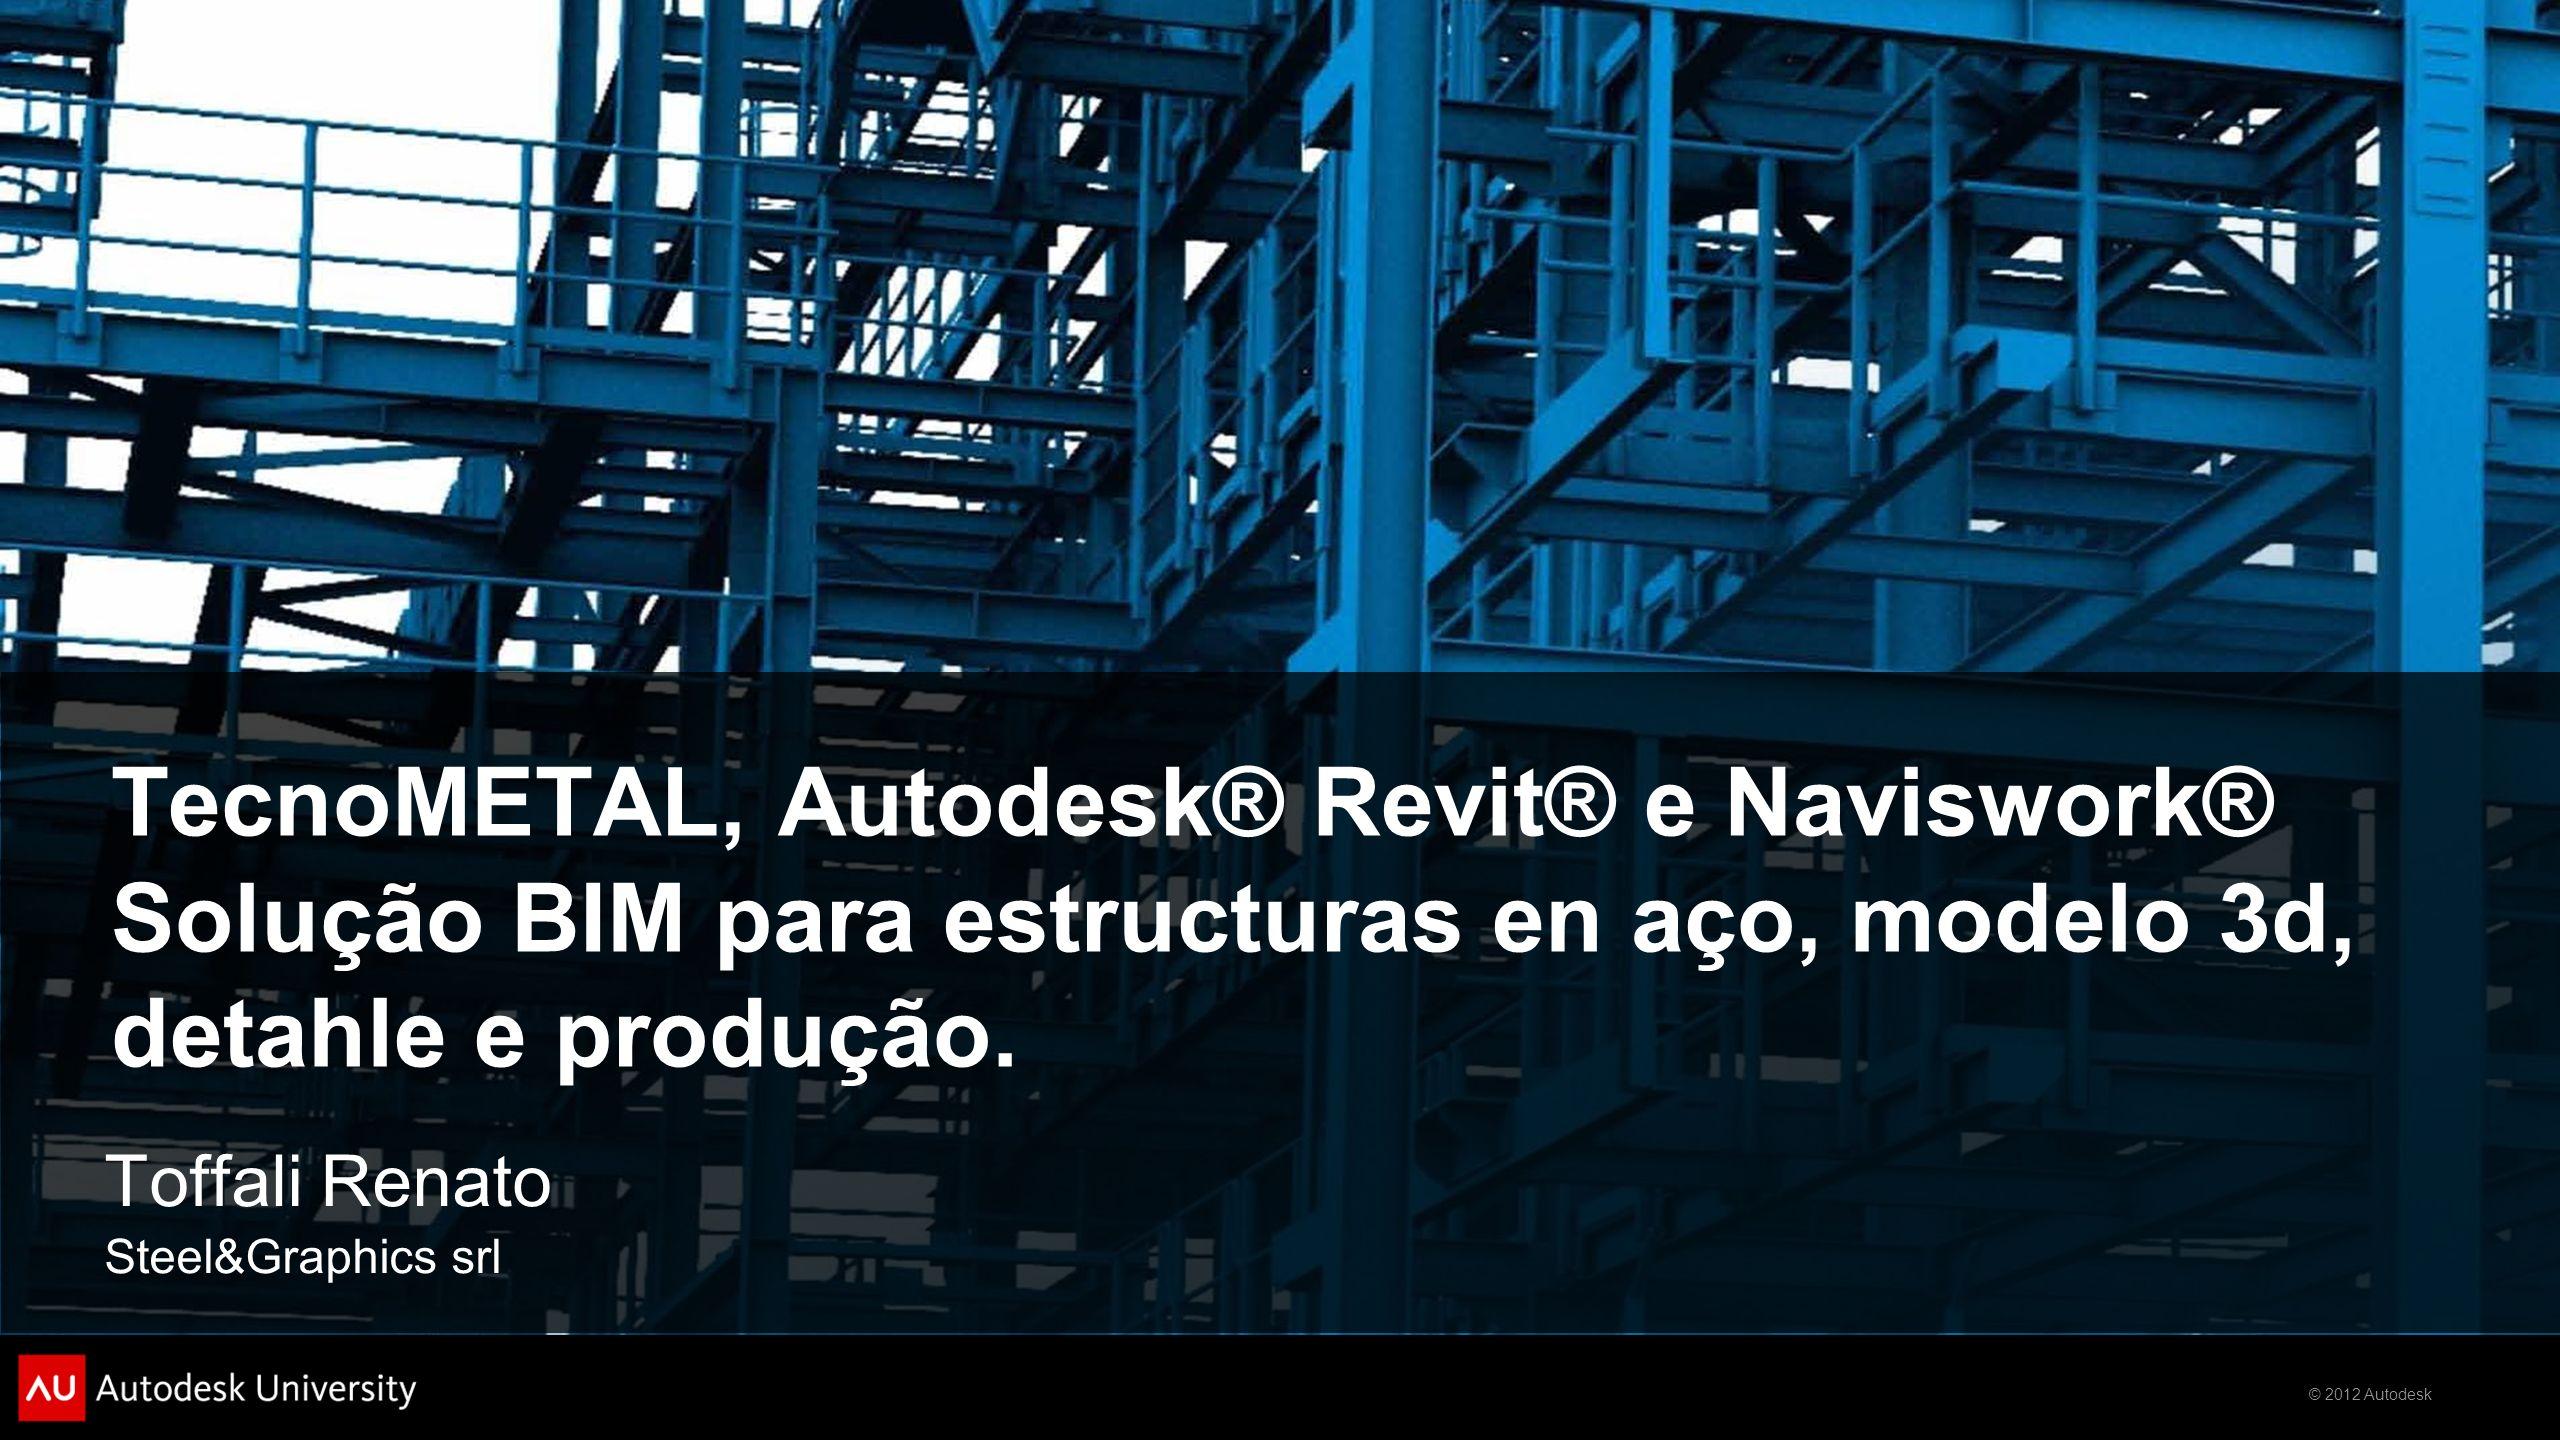 TecnoMETAL, Autodesk® Revit® e Naviswork® Solução BIM para estructuras en aço, modelo 3d, detahle e produção.